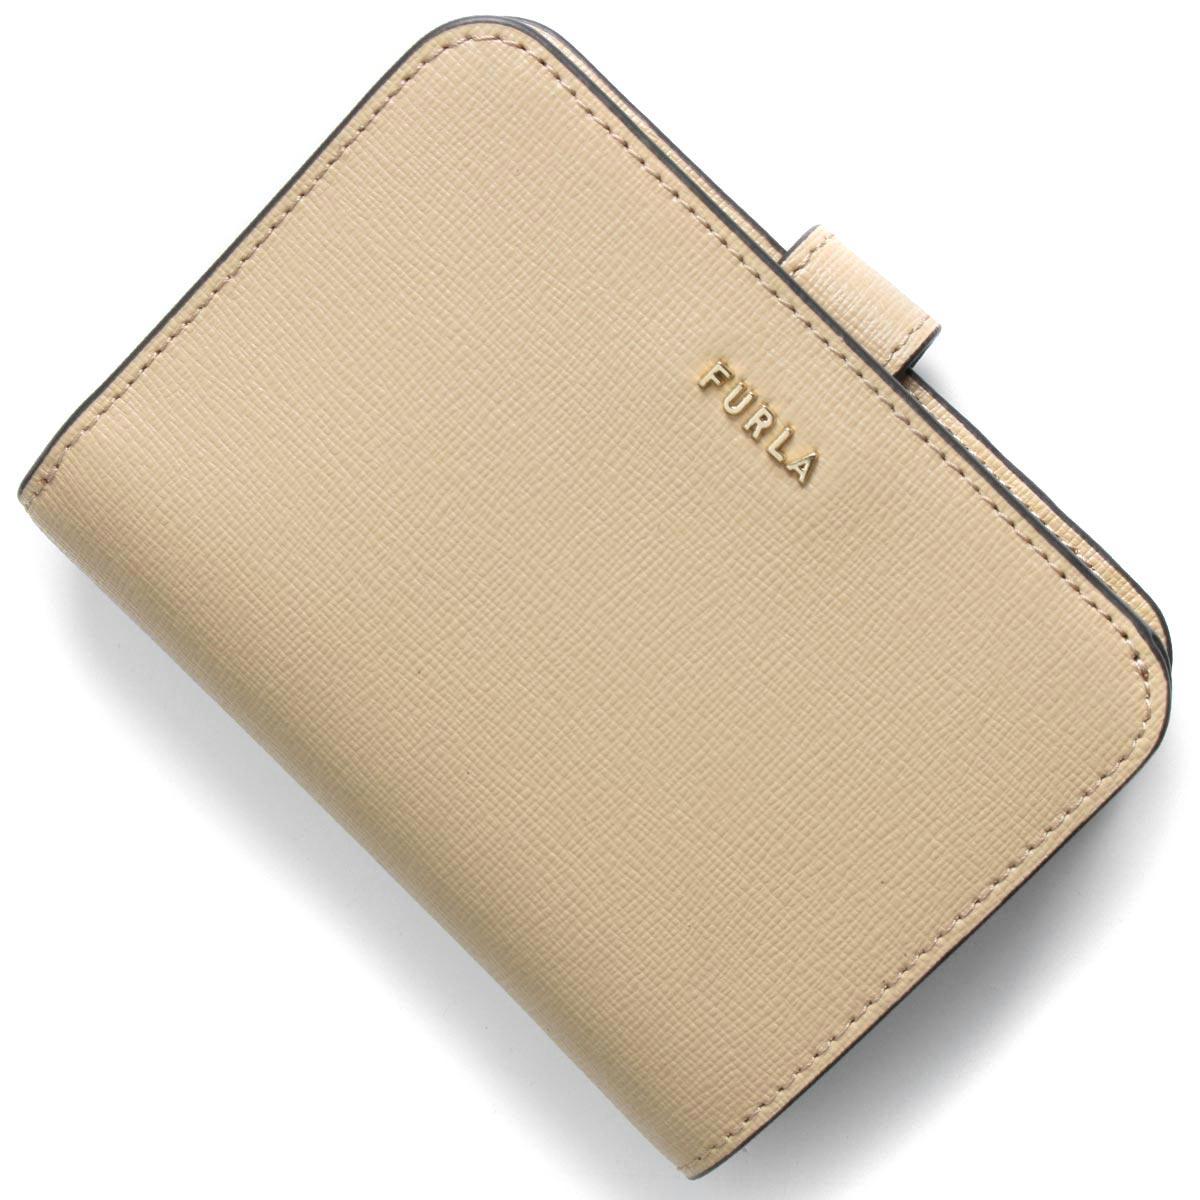 フルラ 二つ折り財布 財布 レディース バビロン スモール サンドベージュ PCY0 B30 02B 1057117 FURLA